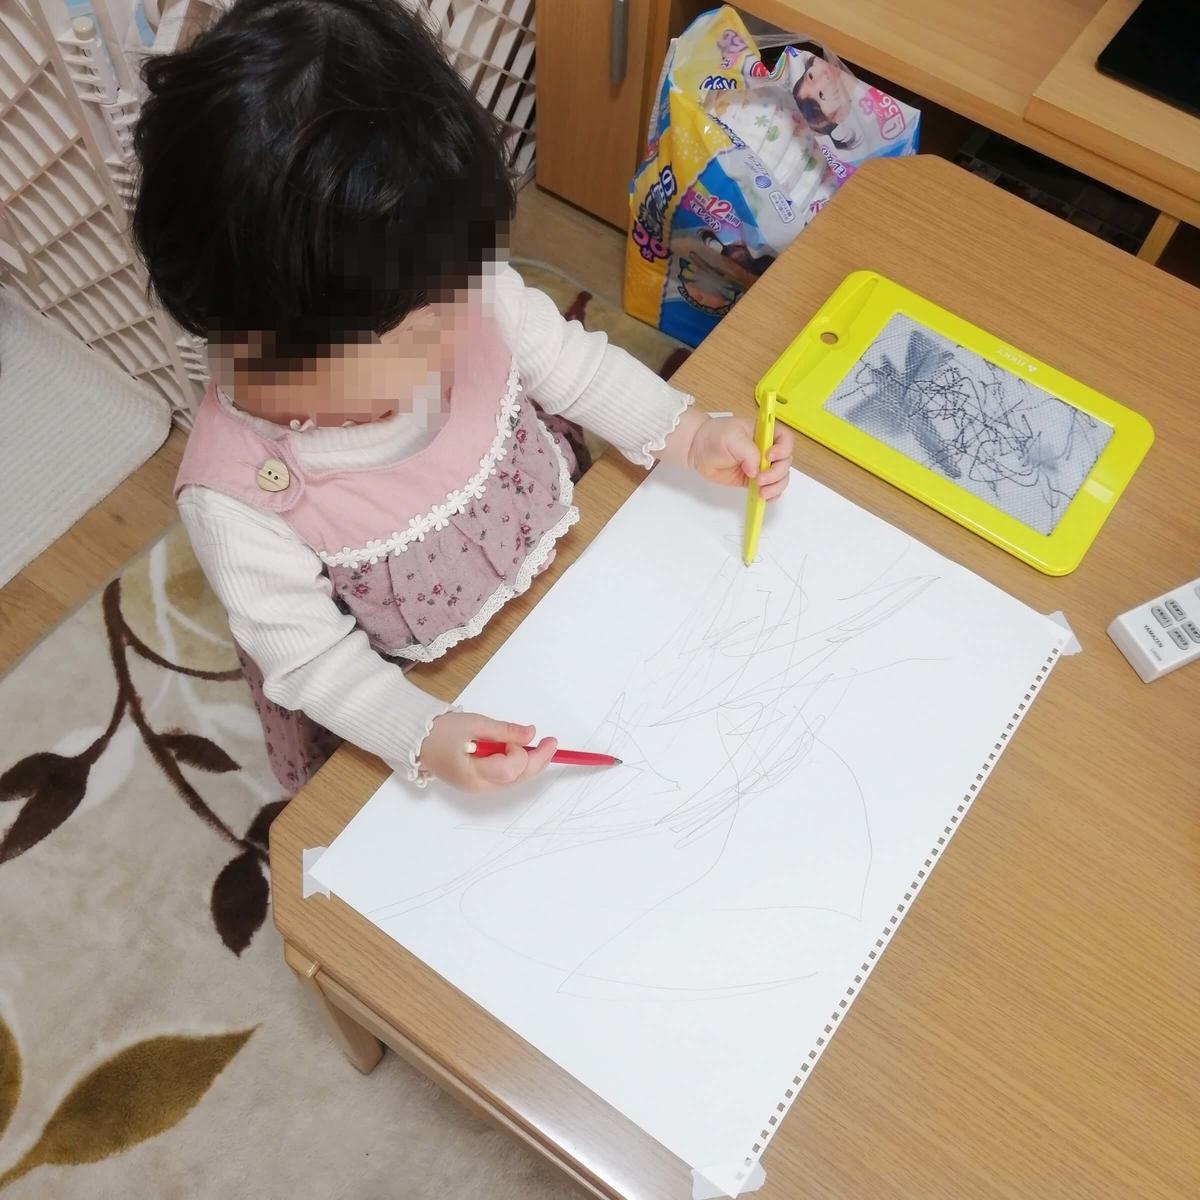 子どものおもちゃ:お絵かきボード PILOT